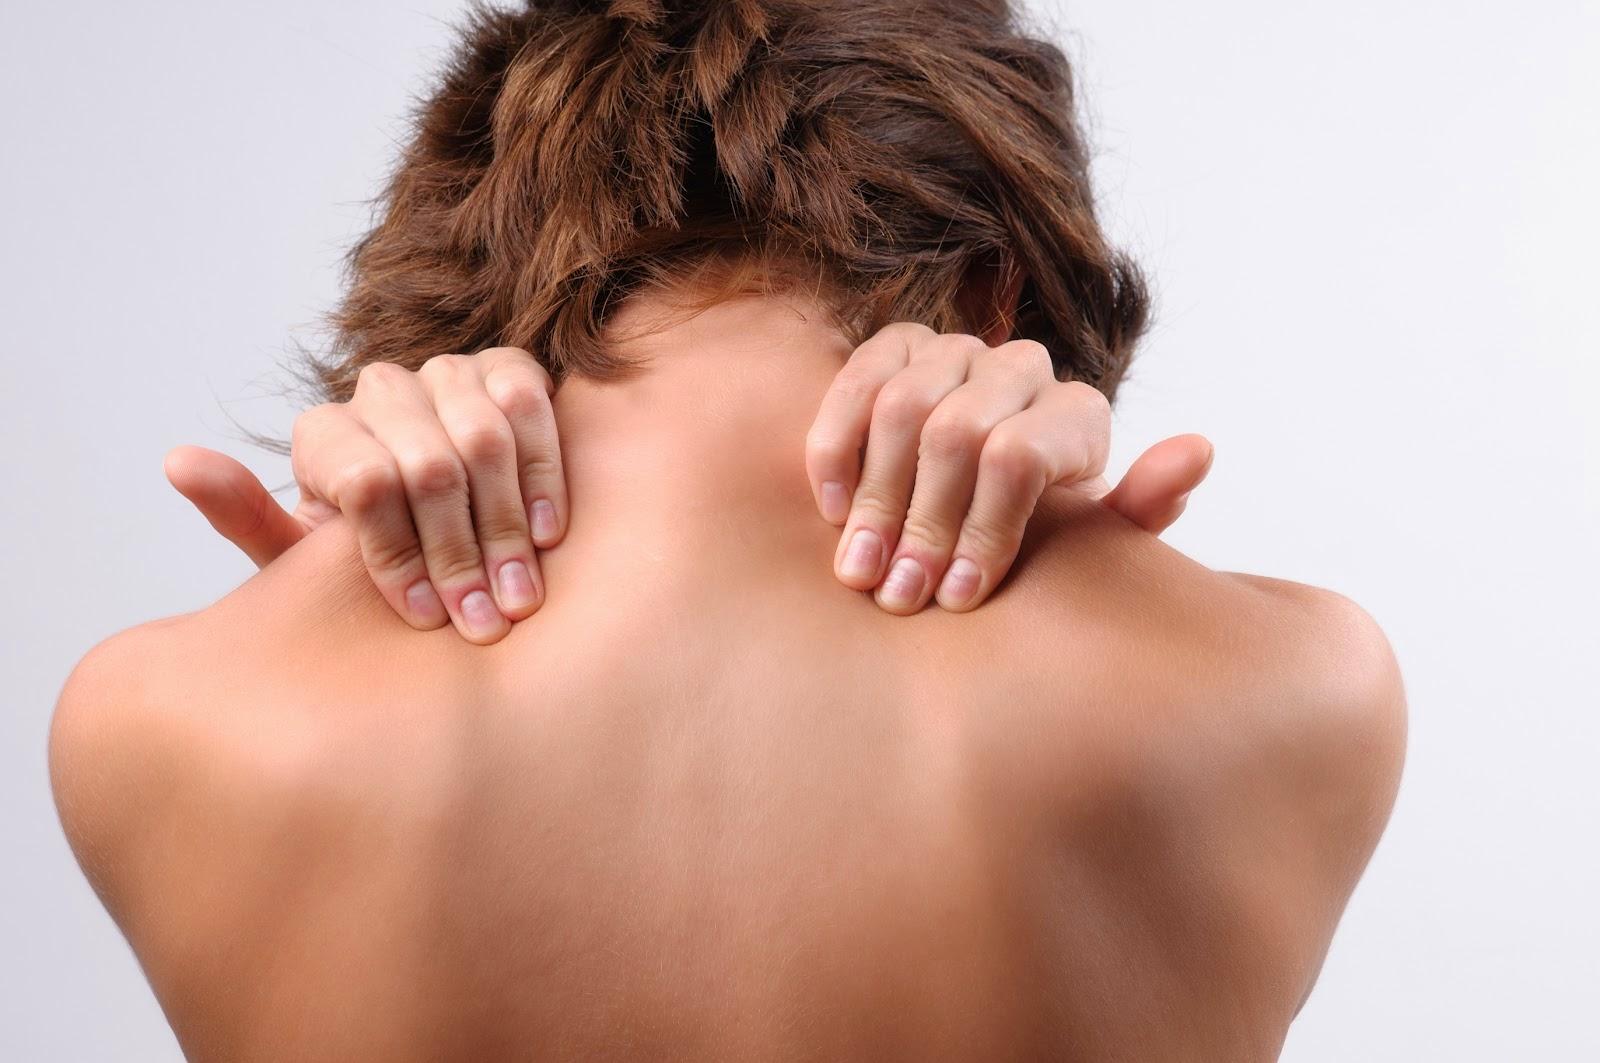 Φαγούρα στην πλάτη: Τι φταίει και τι πρέπει να κάνετε